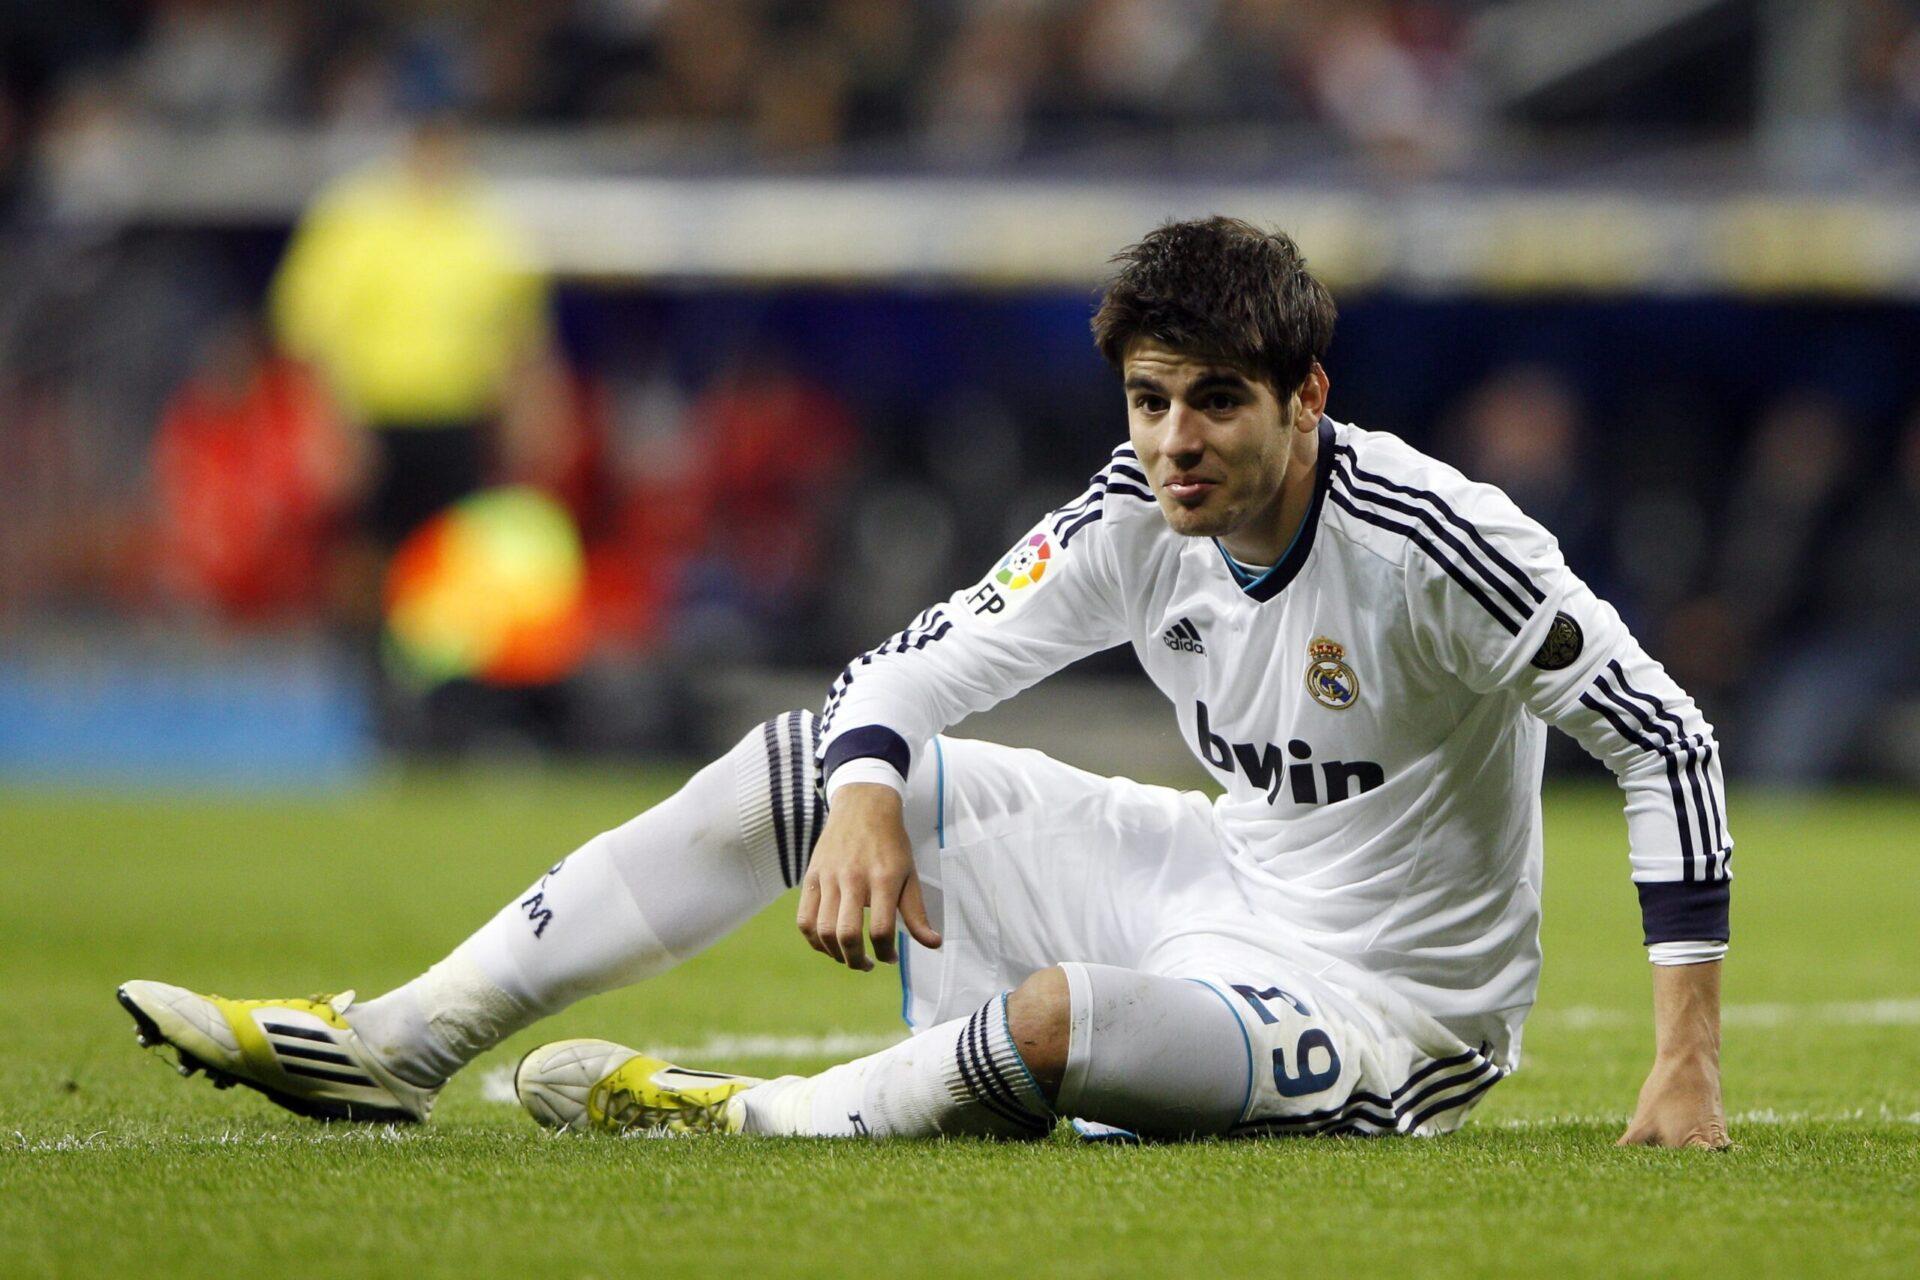 Alvaro Morata débutant sa carrière de footballeur professionnel avec le Real Madrid (Icon Sport)